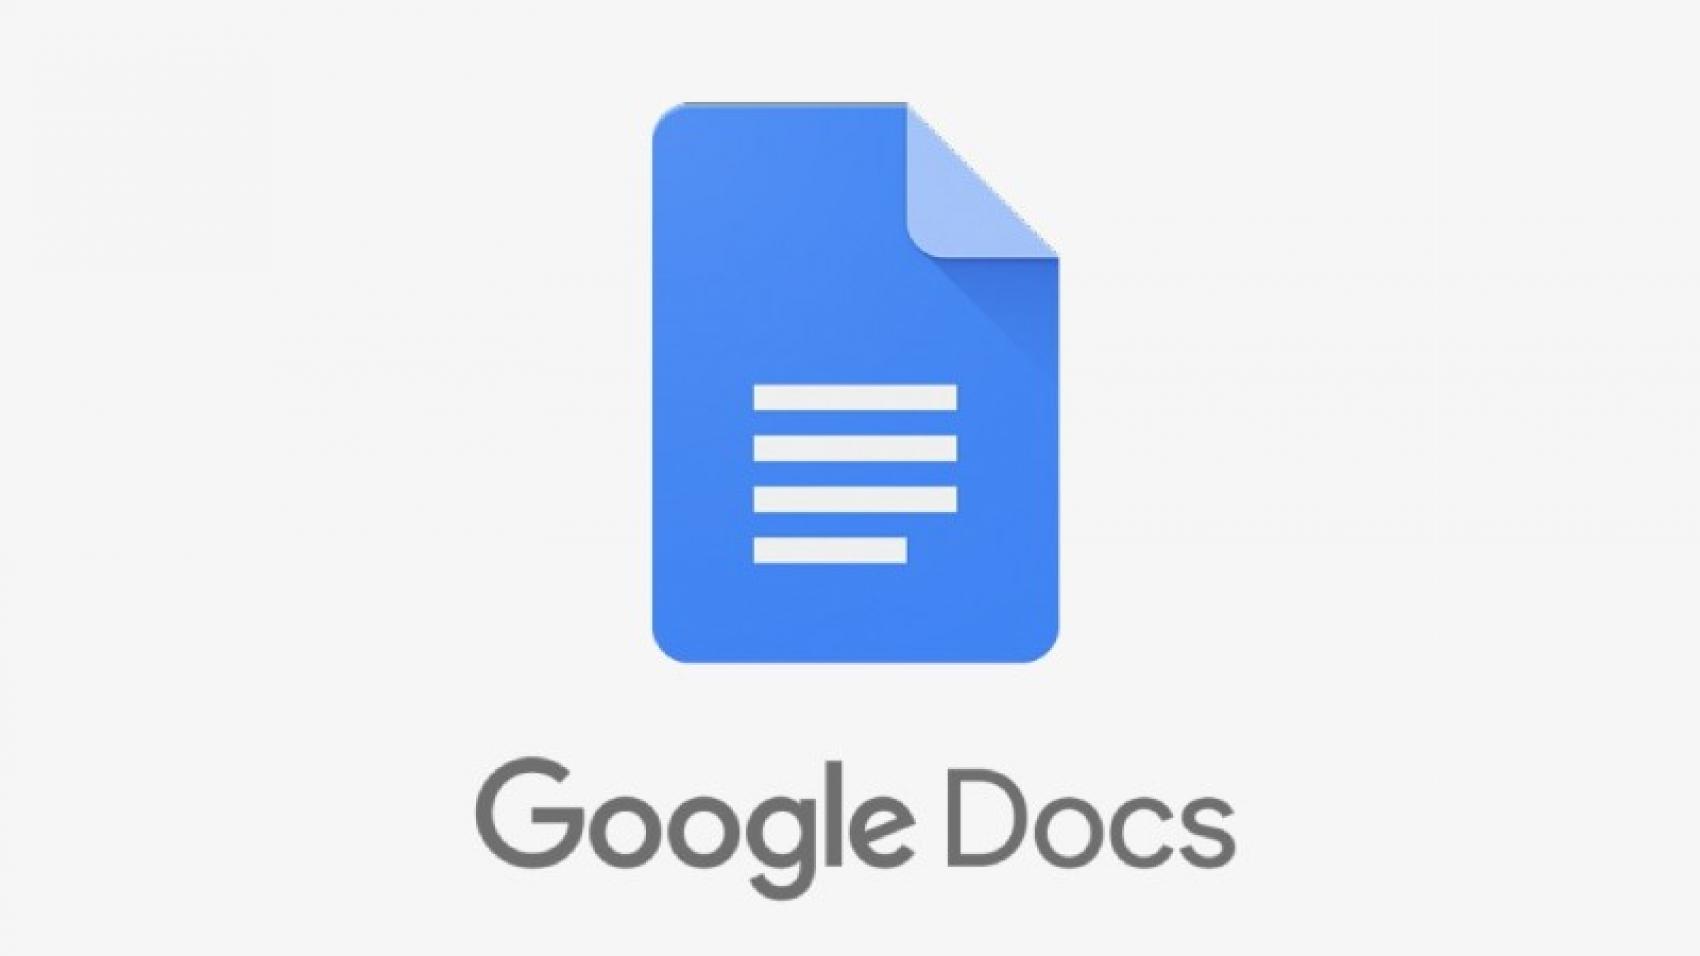 В Google Docs появилась возможность добавить водяной знак